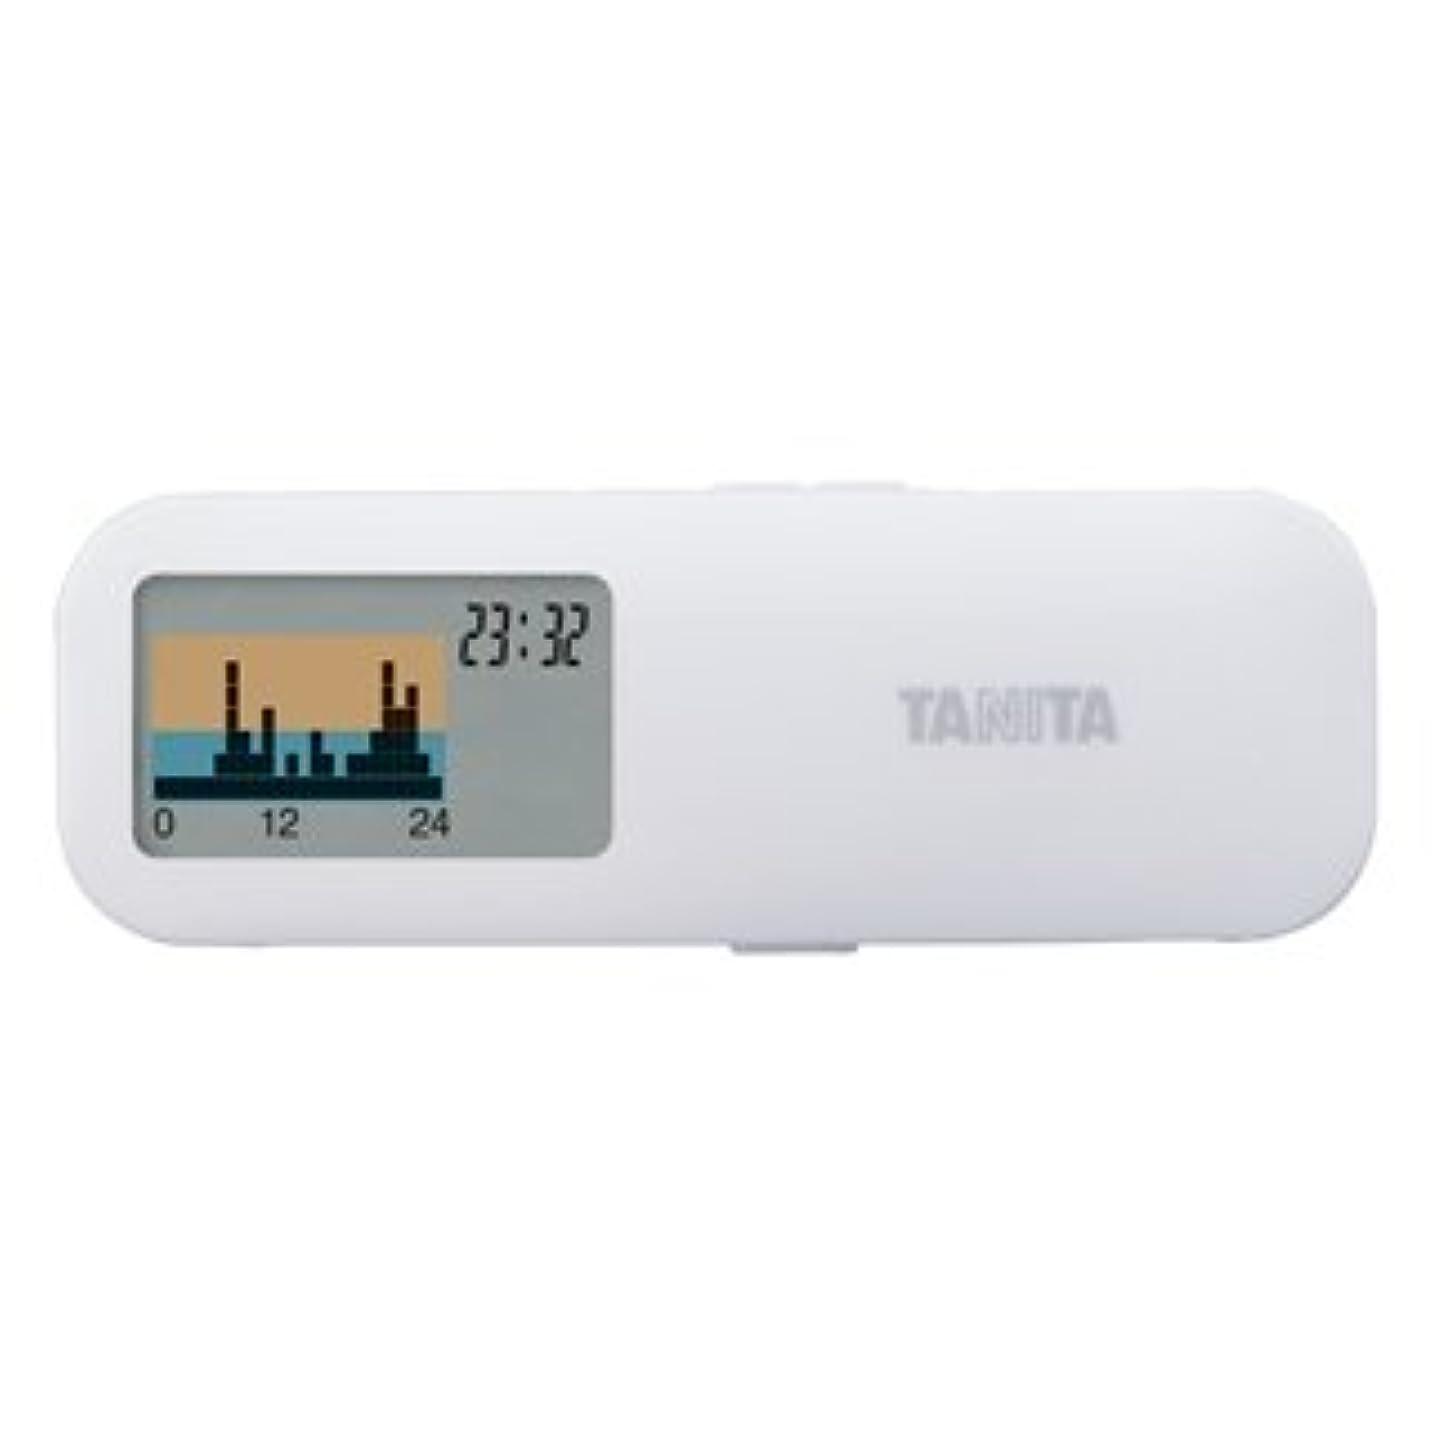 クレジットペネロペインスタントタニタ 活動量計(ホワイト)TANITA カロリズムSlim AM-122-WH